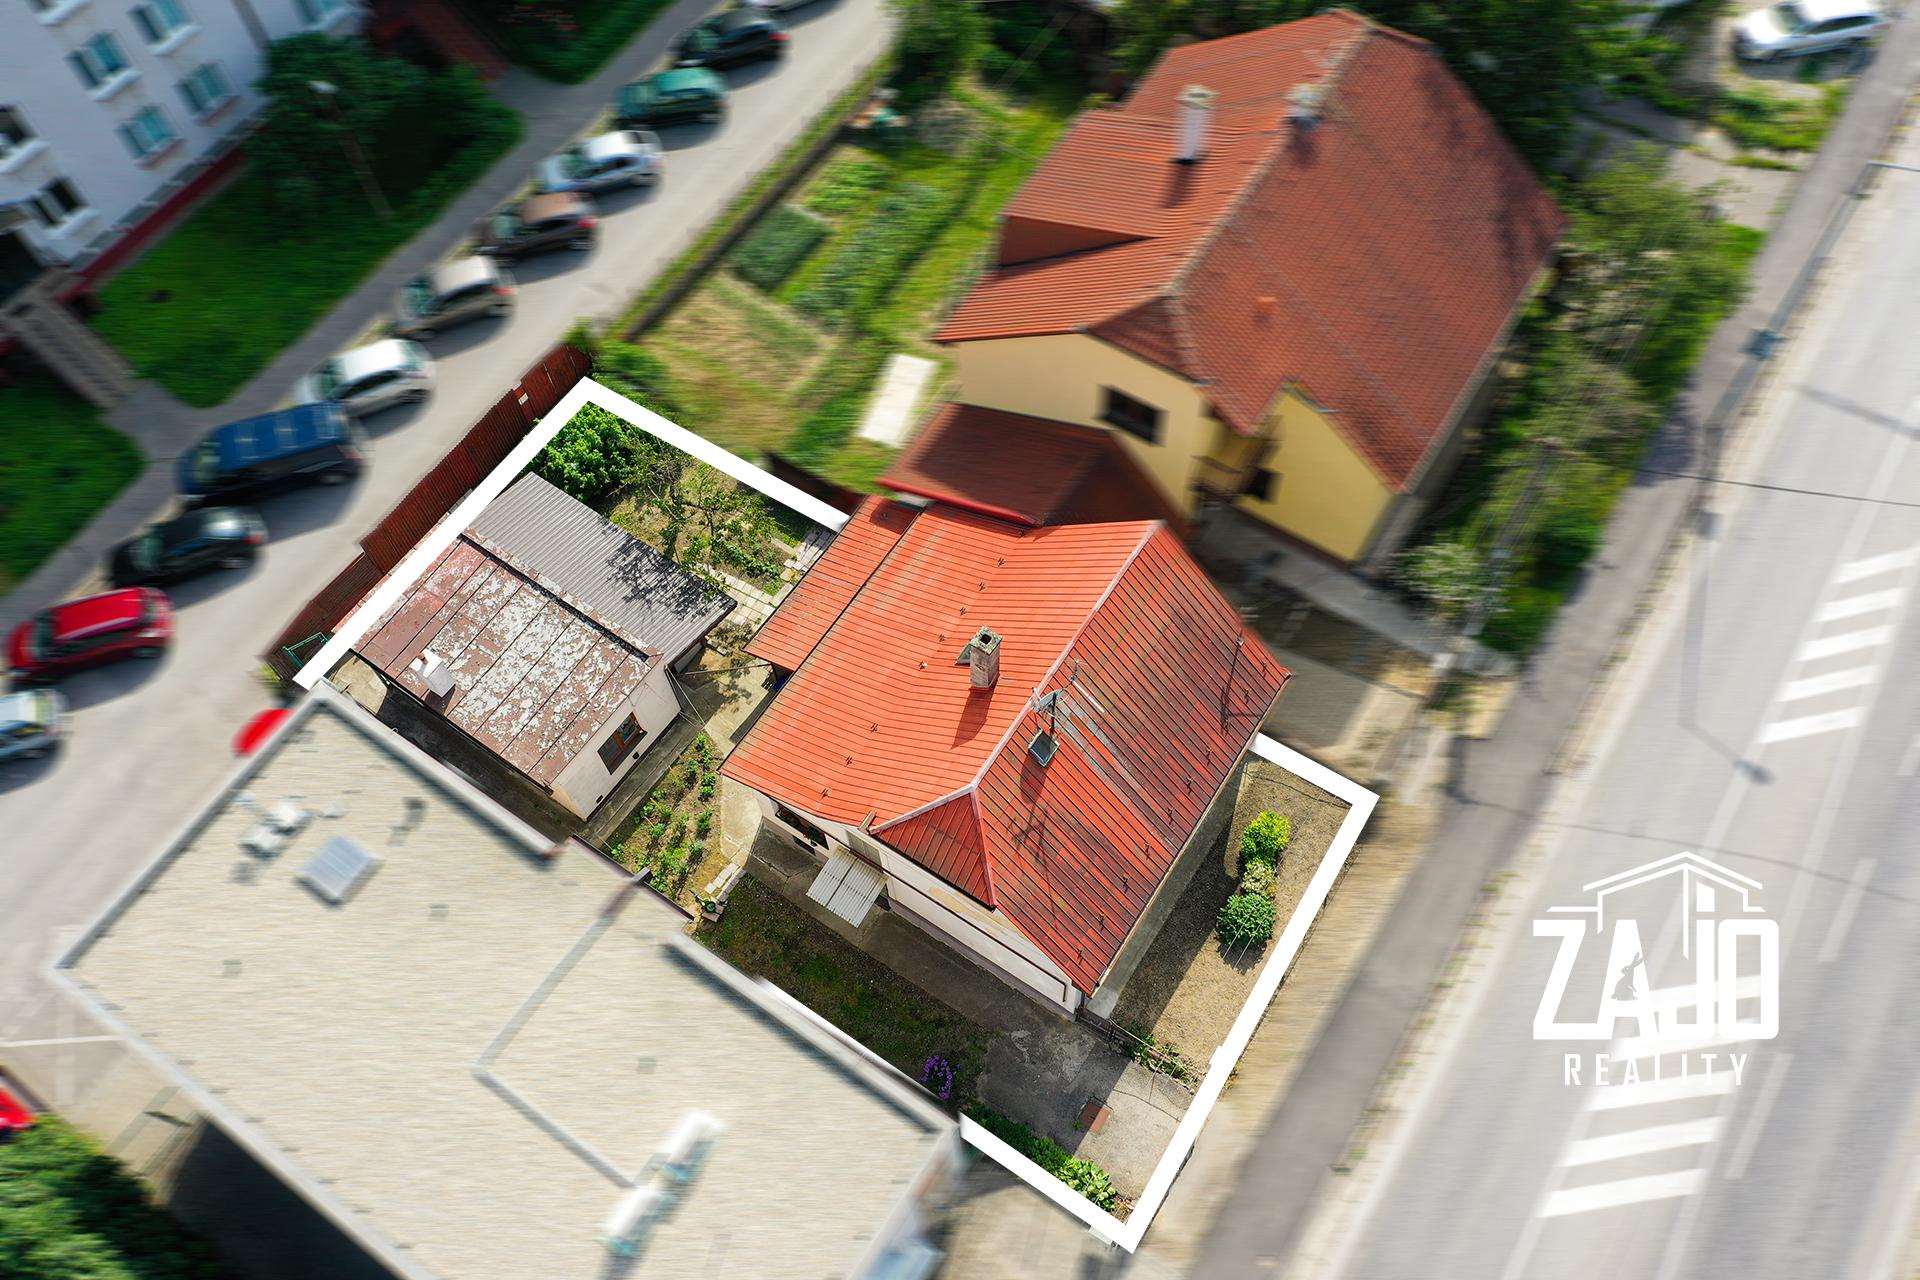 Bratislavská - Rodinný dom / sídlo na dobrej adrese.